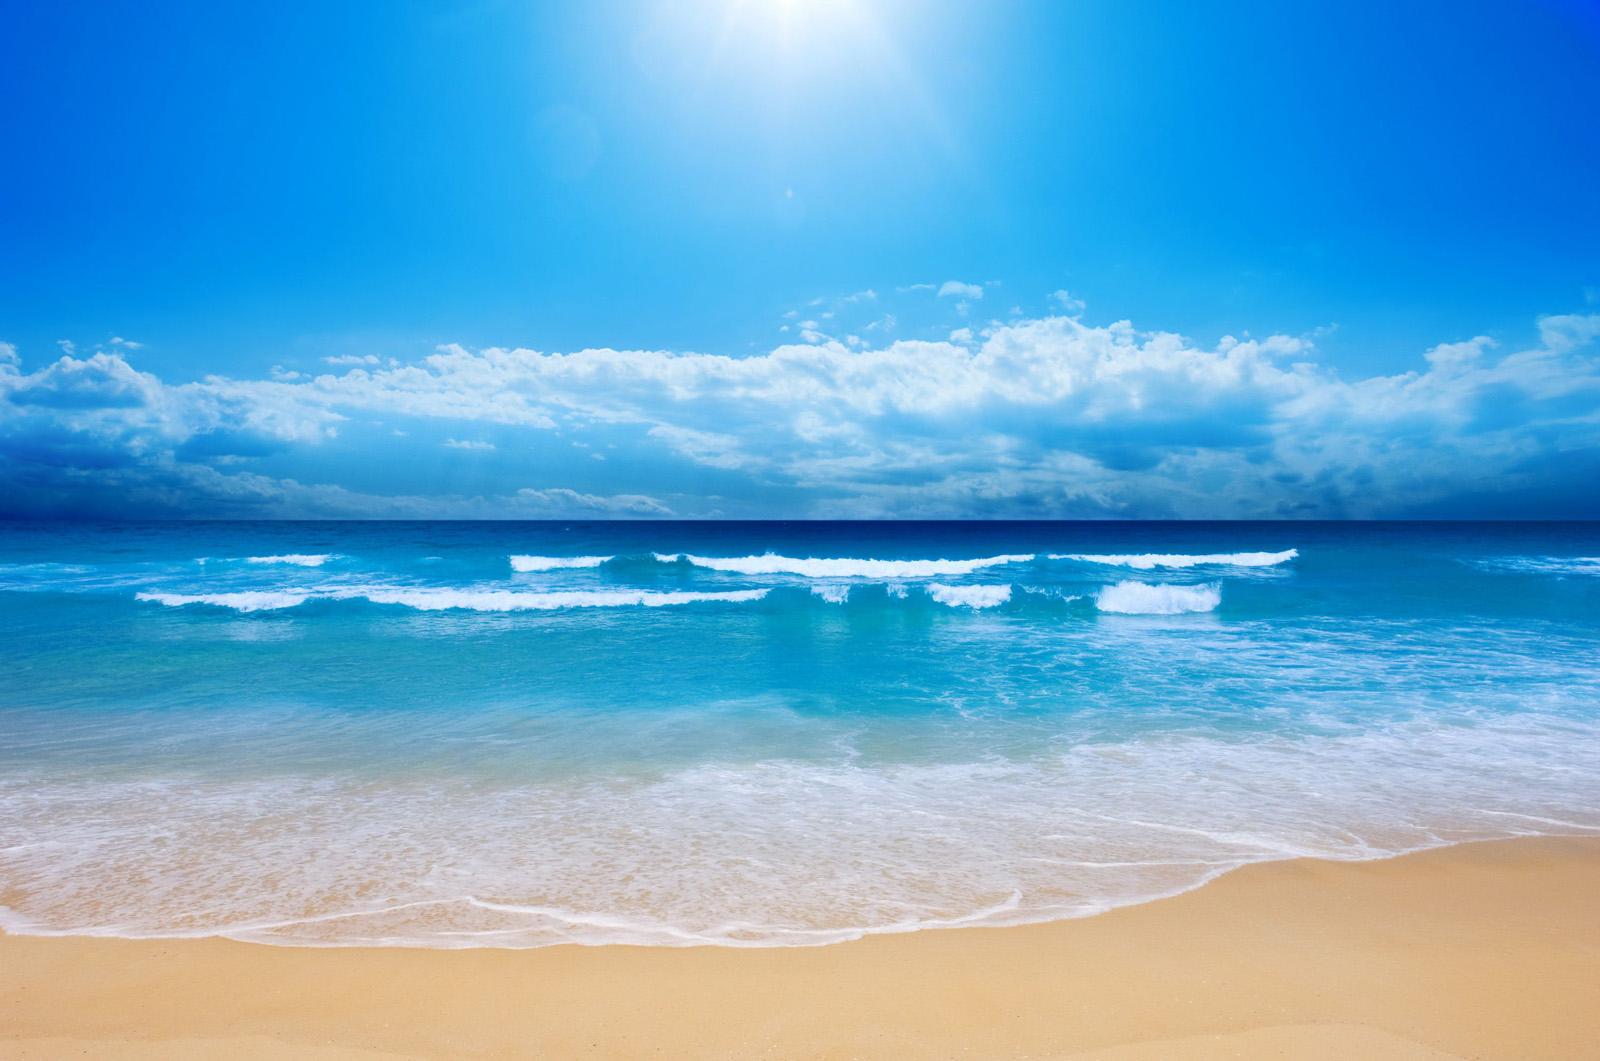 sea ocean wave beach sand wallpaper   View All 1600x1061